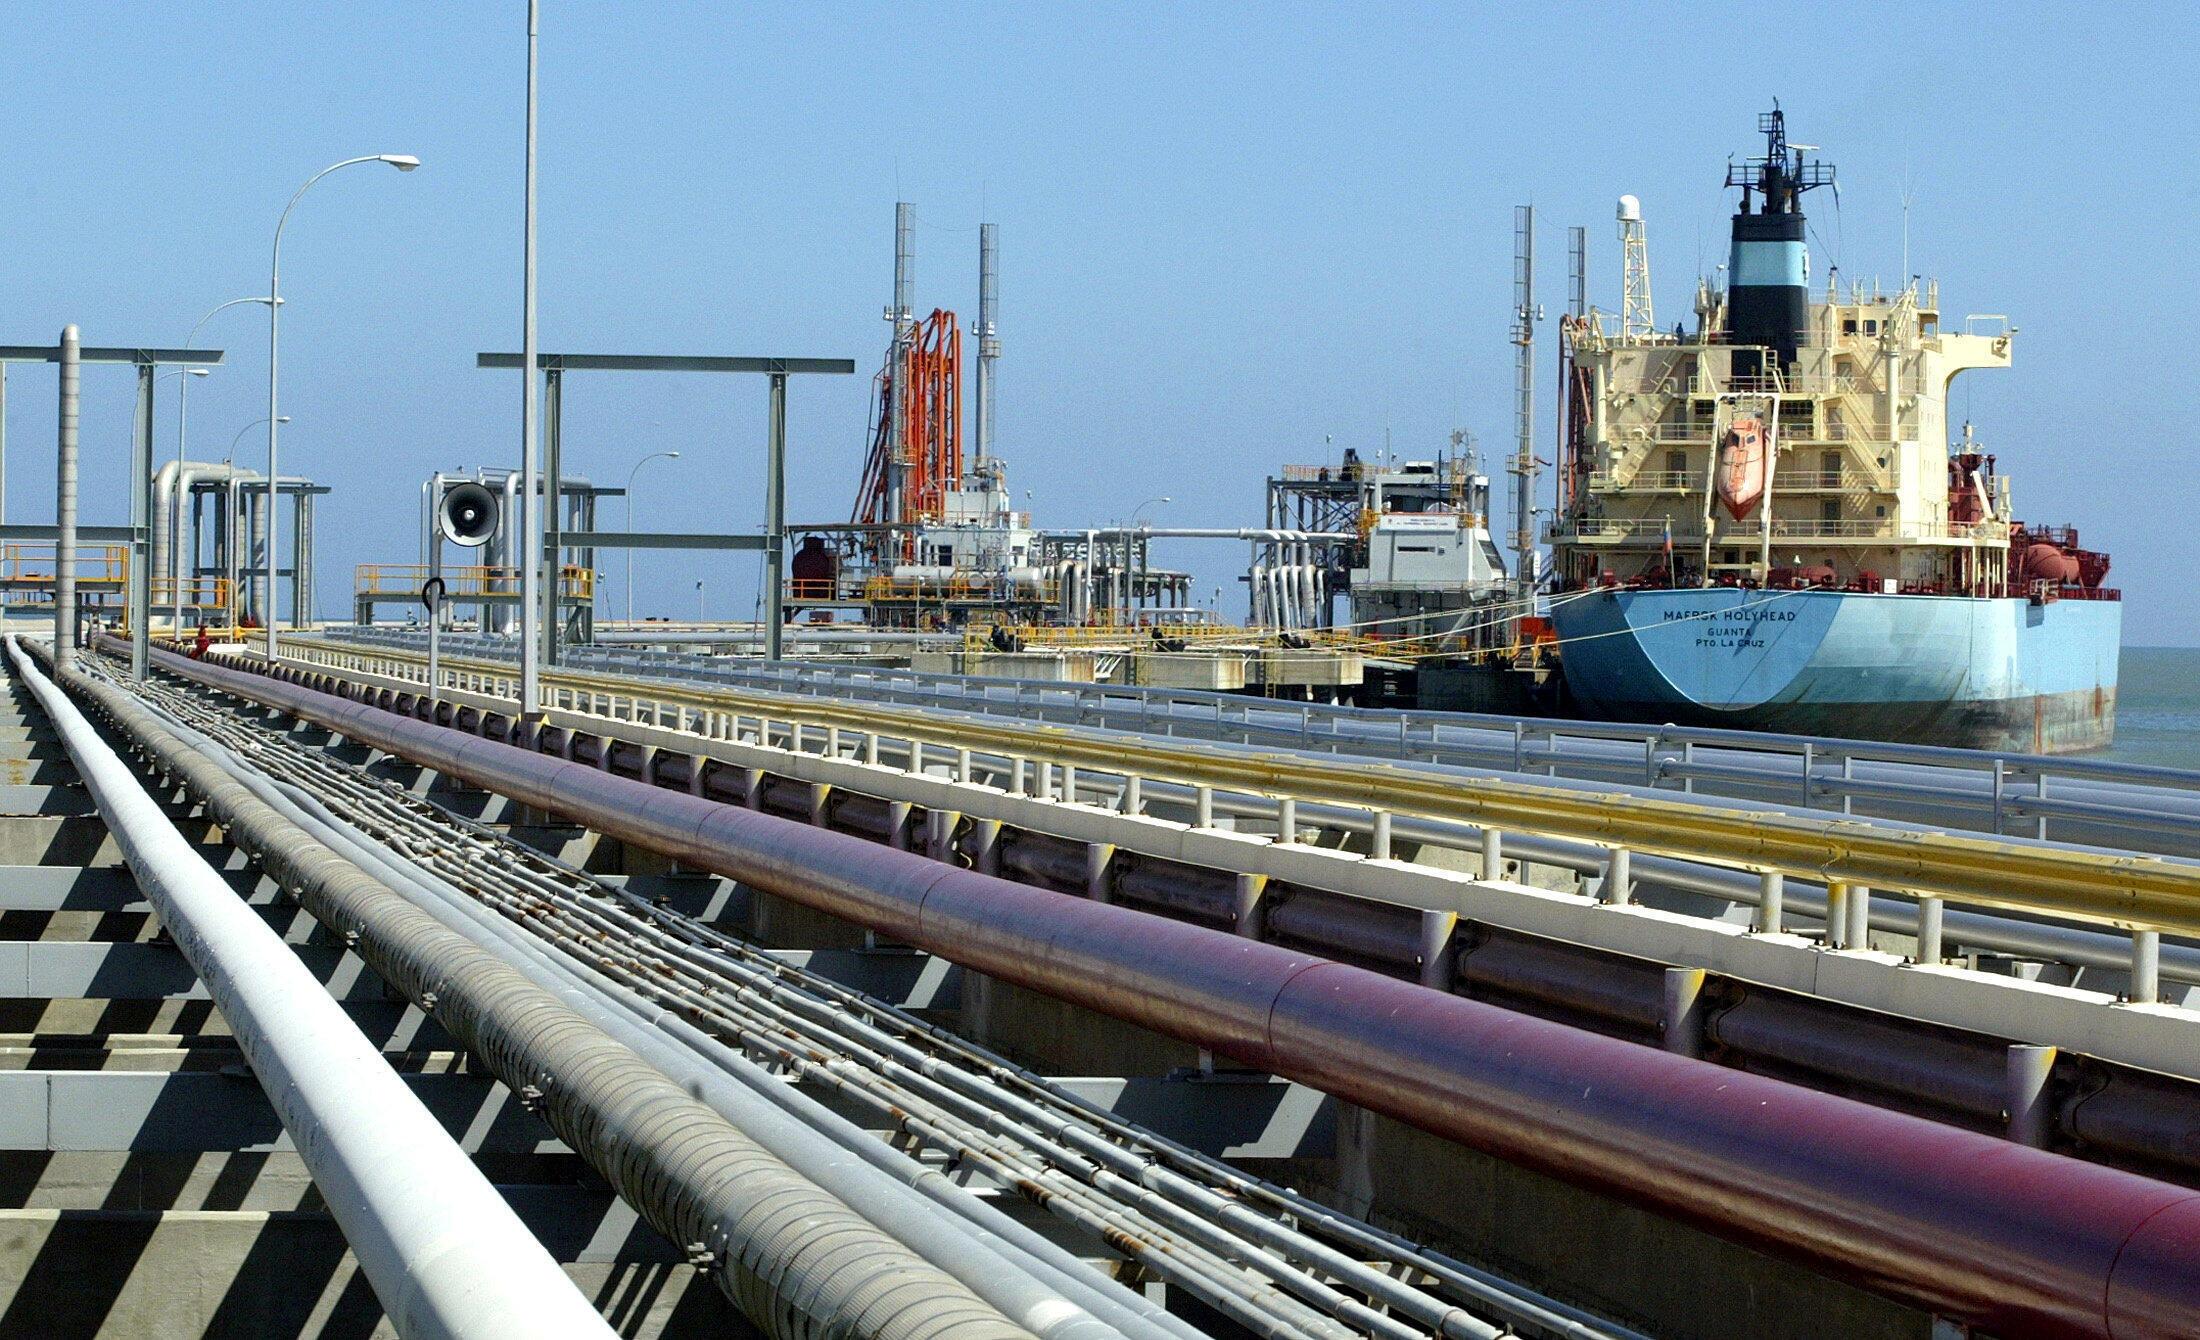 Ảnh tư liệu. Một tàu chở dầu tại một cảng ở Venezuela.